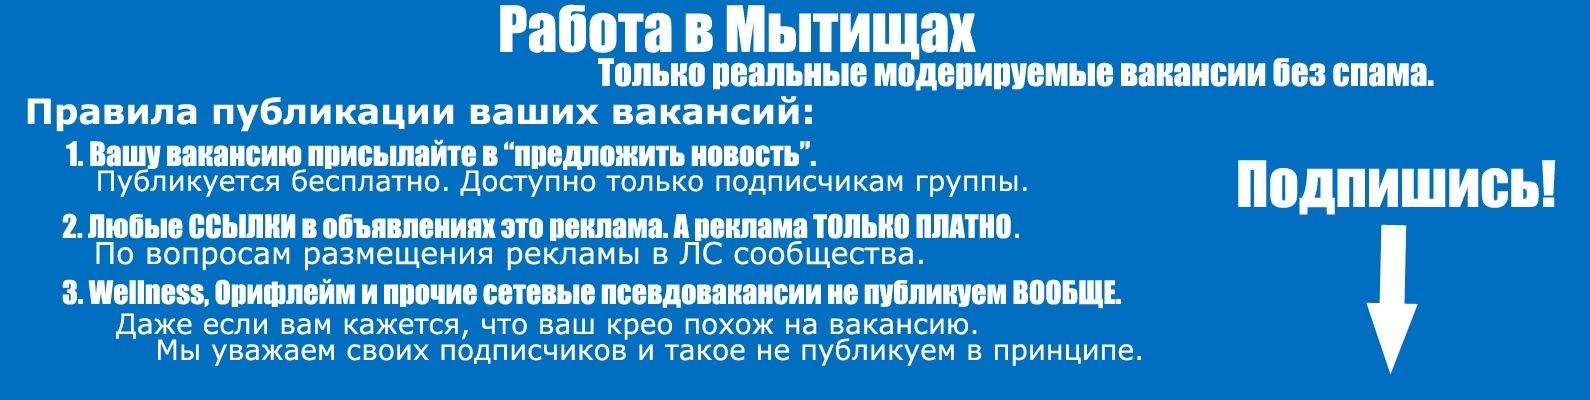 Медицинские книжки Мытищи ярославское шоссе